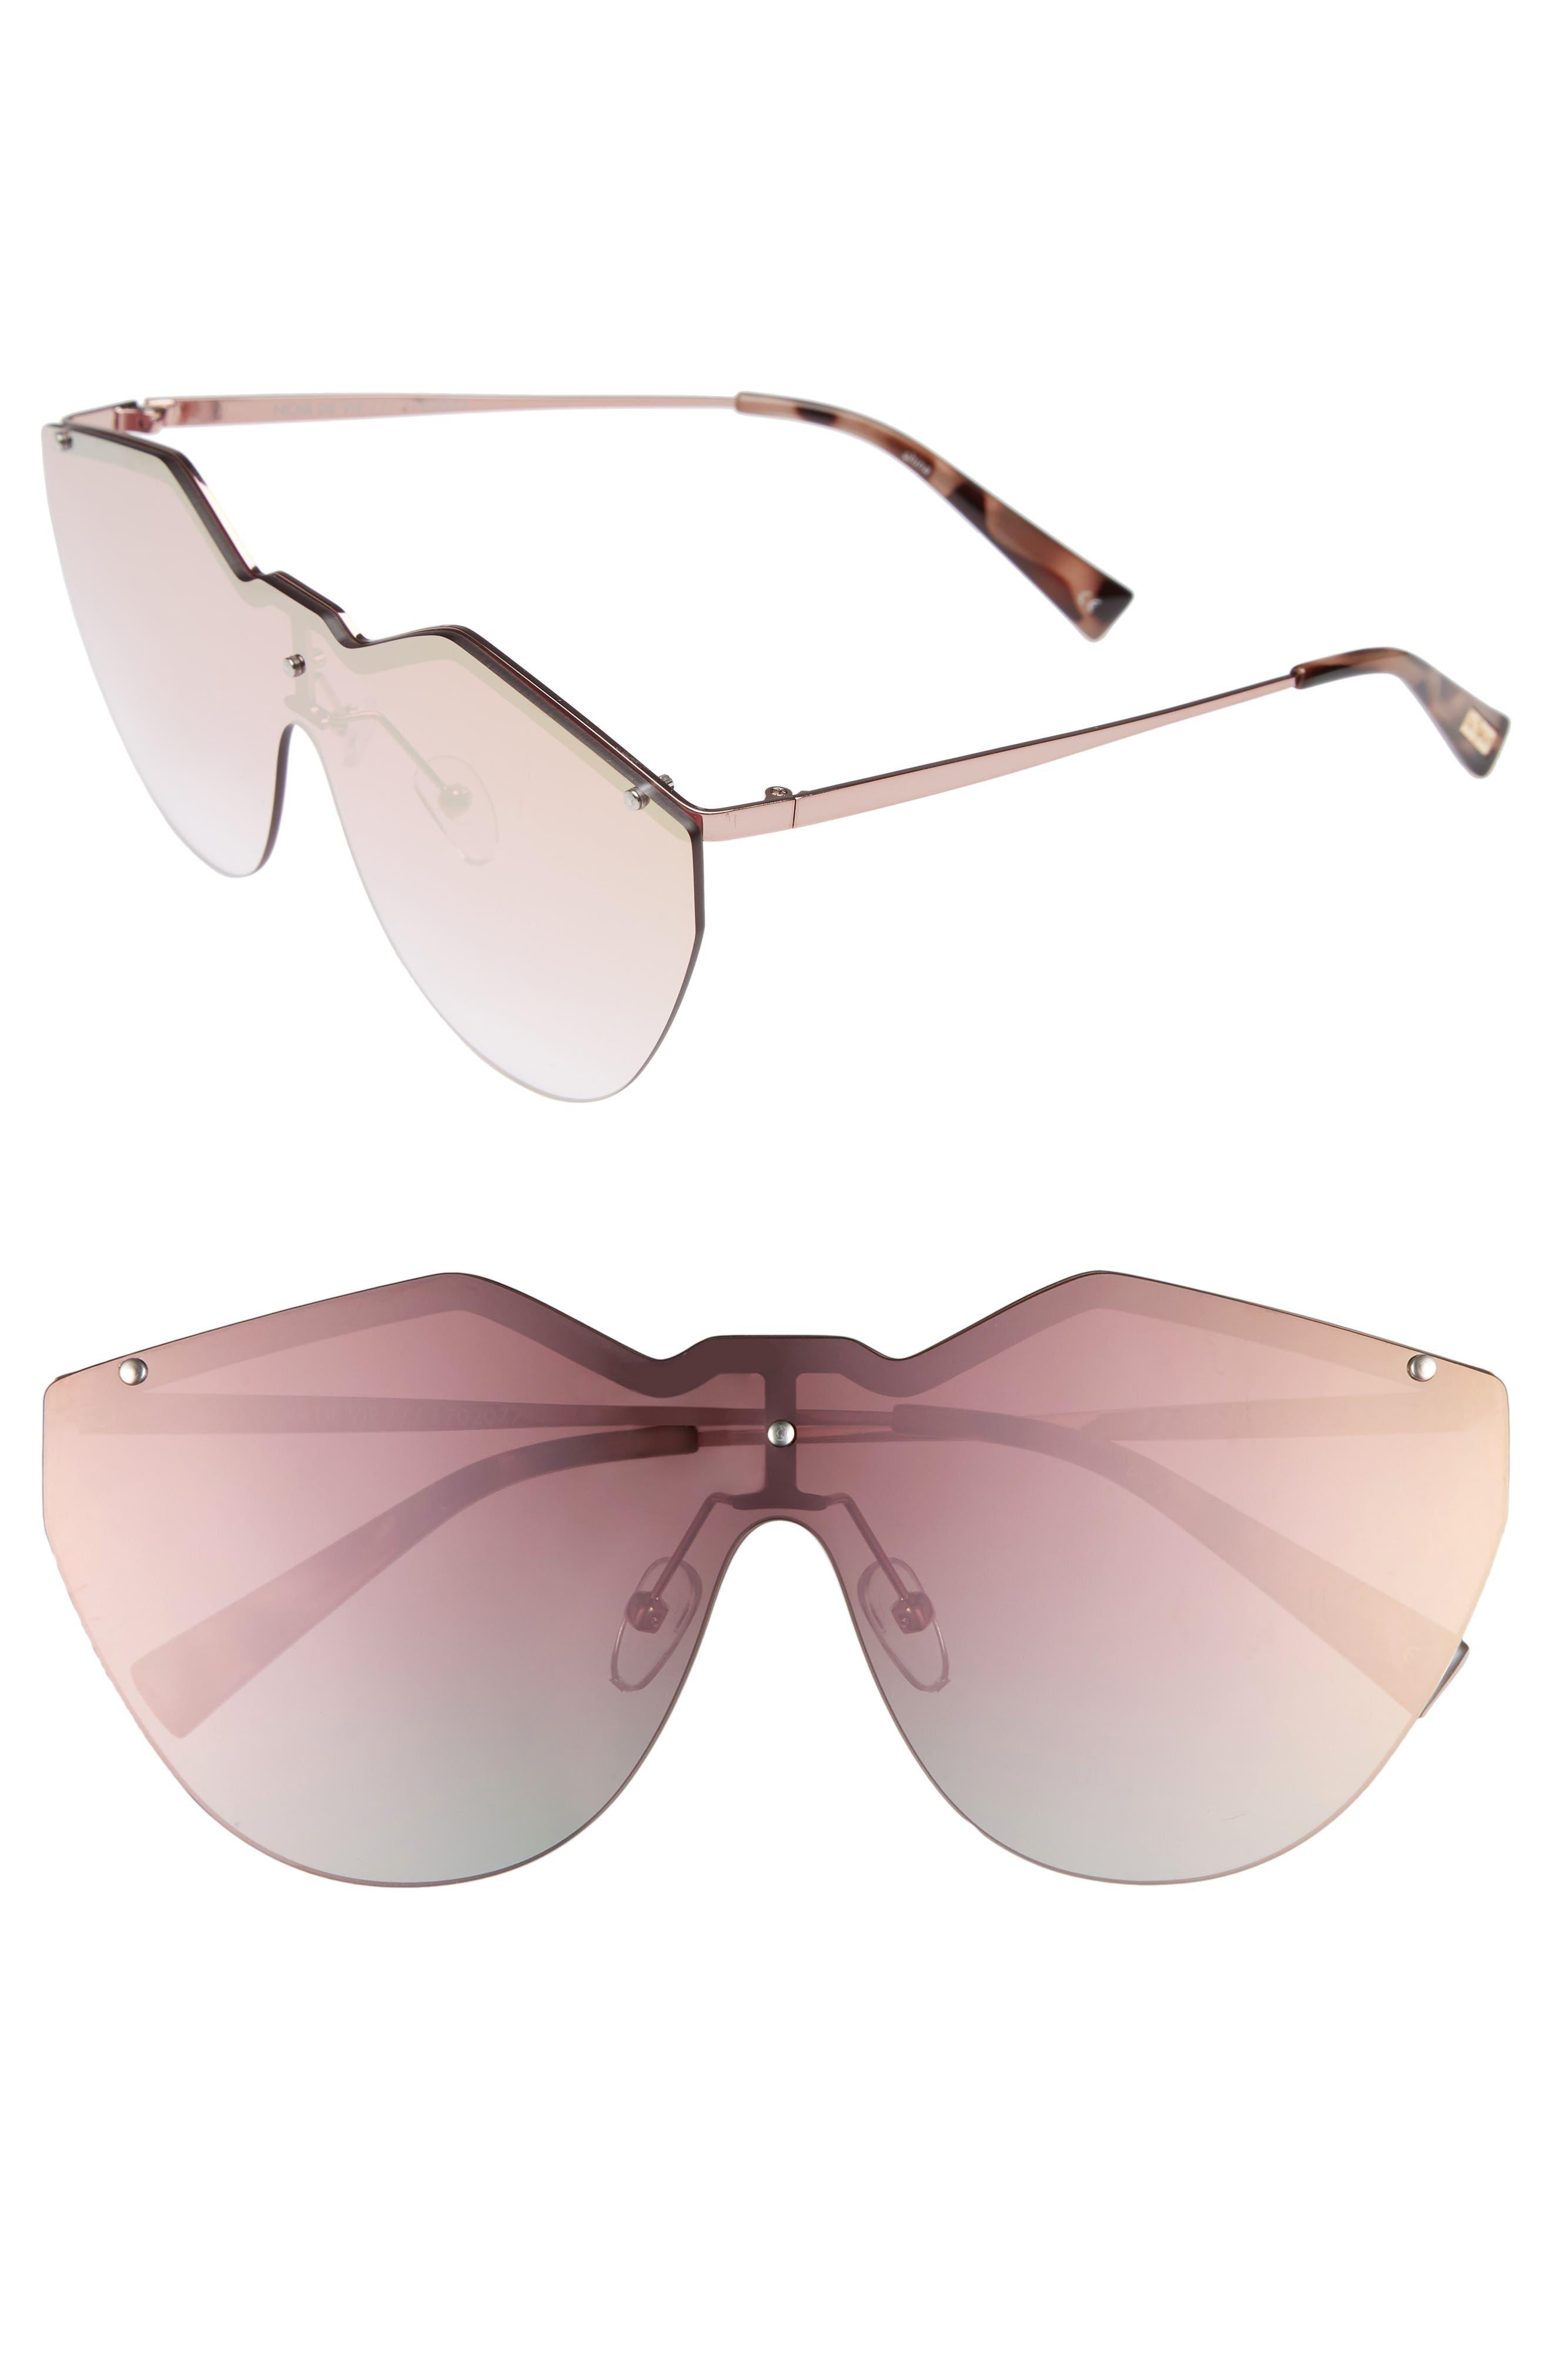 Le Specs 140mm Shield Sunglasses